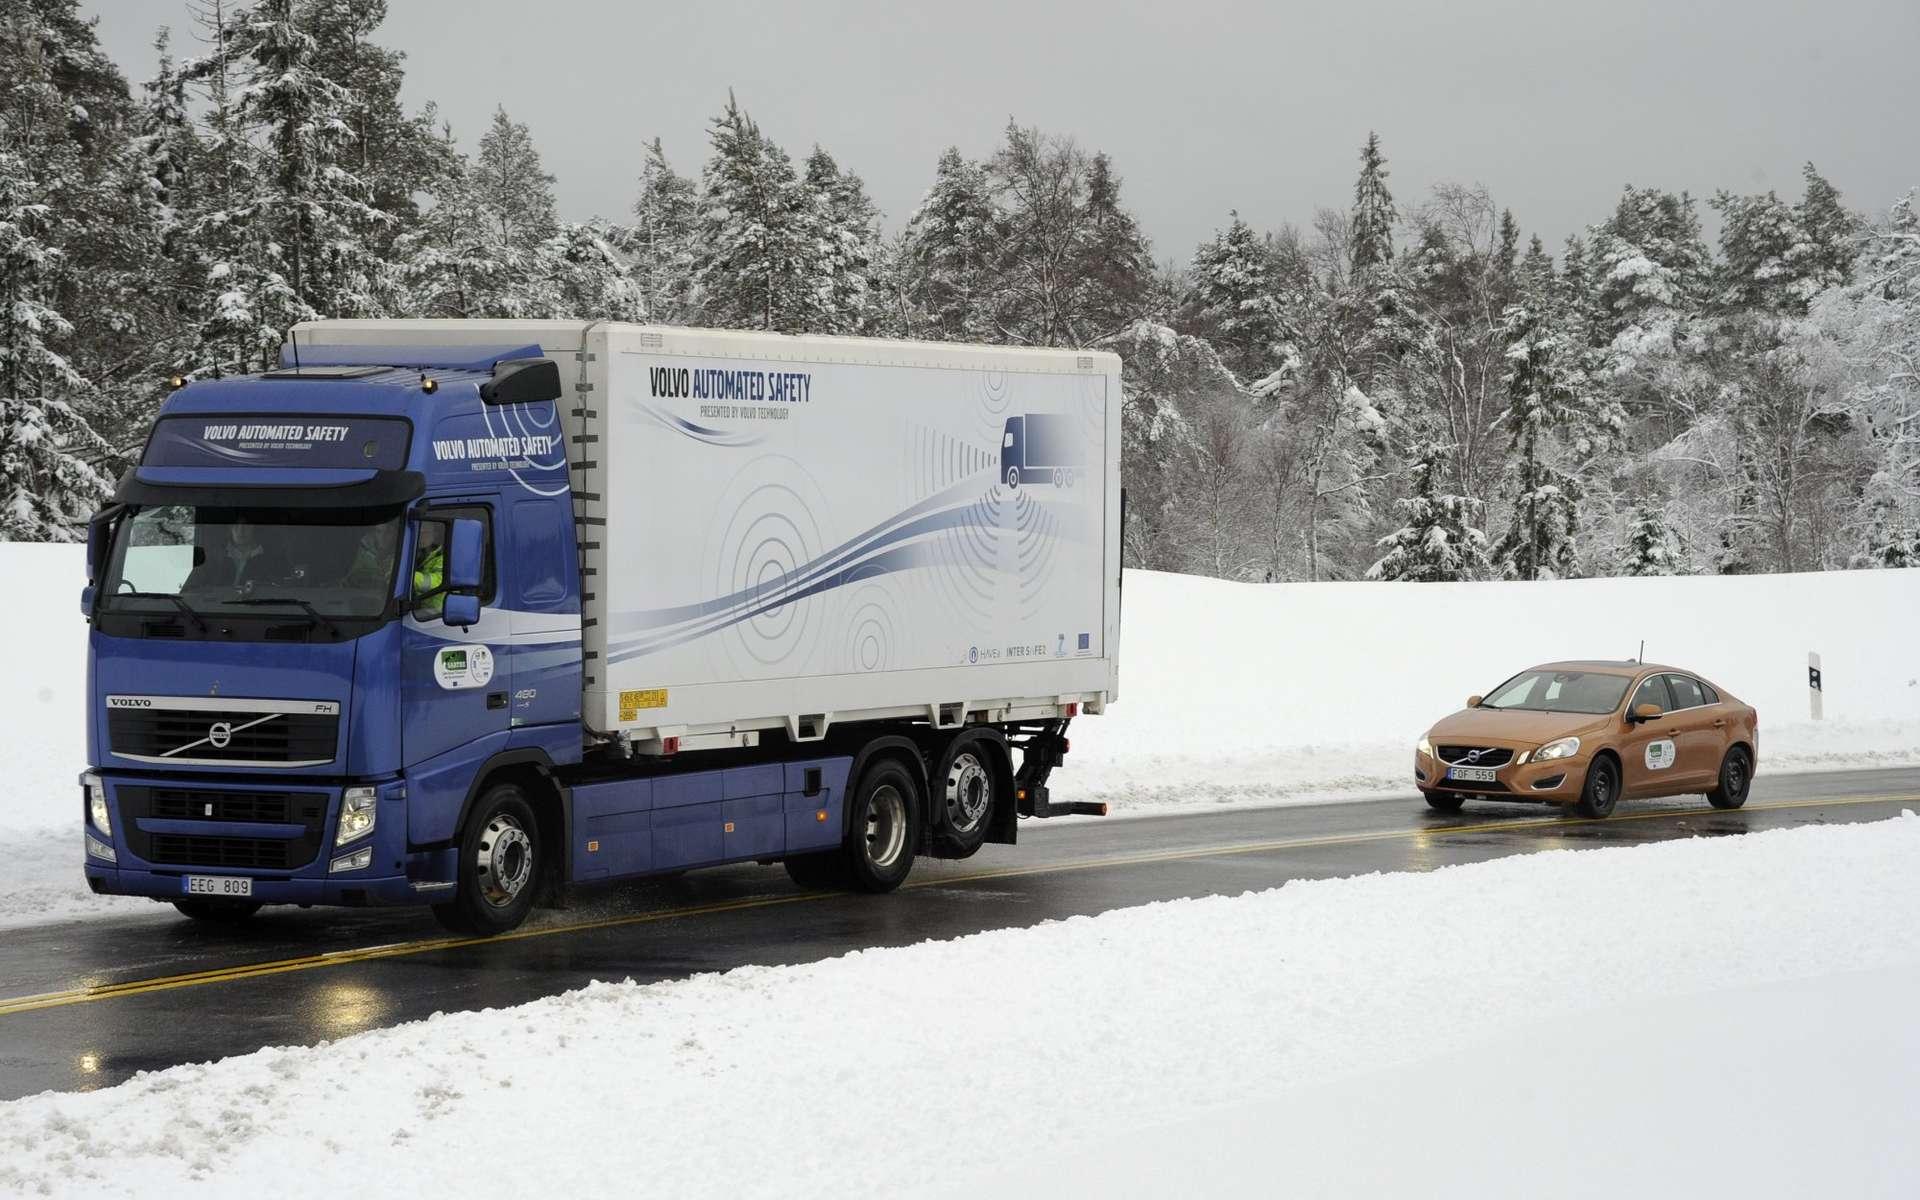 La voiture suit le camion... toute seule. © Volvo Cars/Sartre